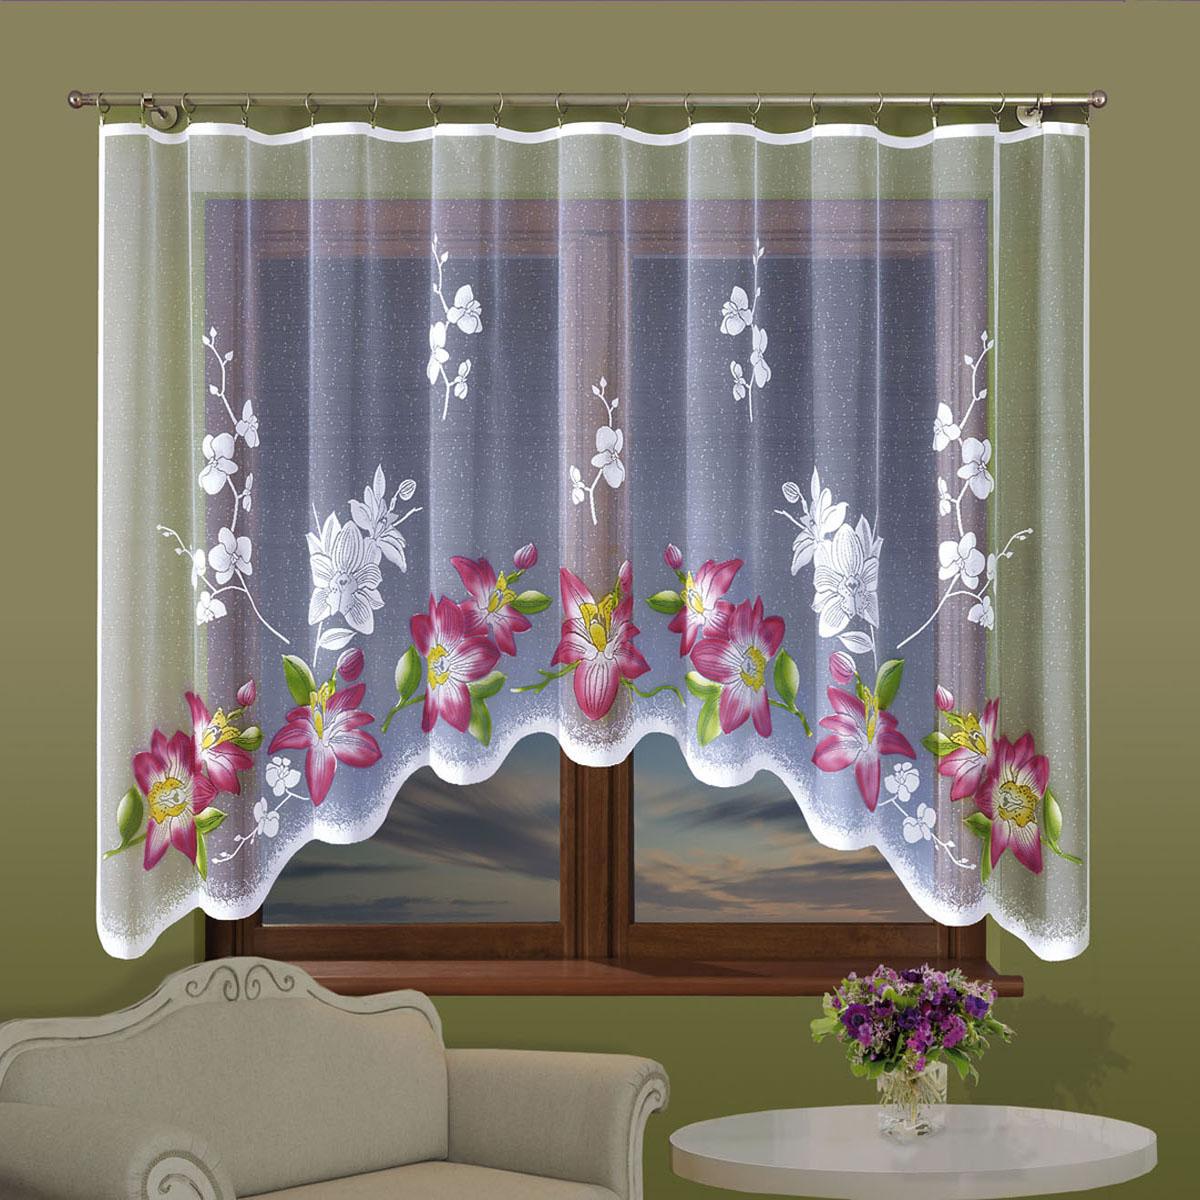 Гардина Wisan, цвет: белый, ширина 300 см, высота 160 см. 702Е702ЕГардина жаккардовая, крепление зажимы для штор. Размеры: 300*160